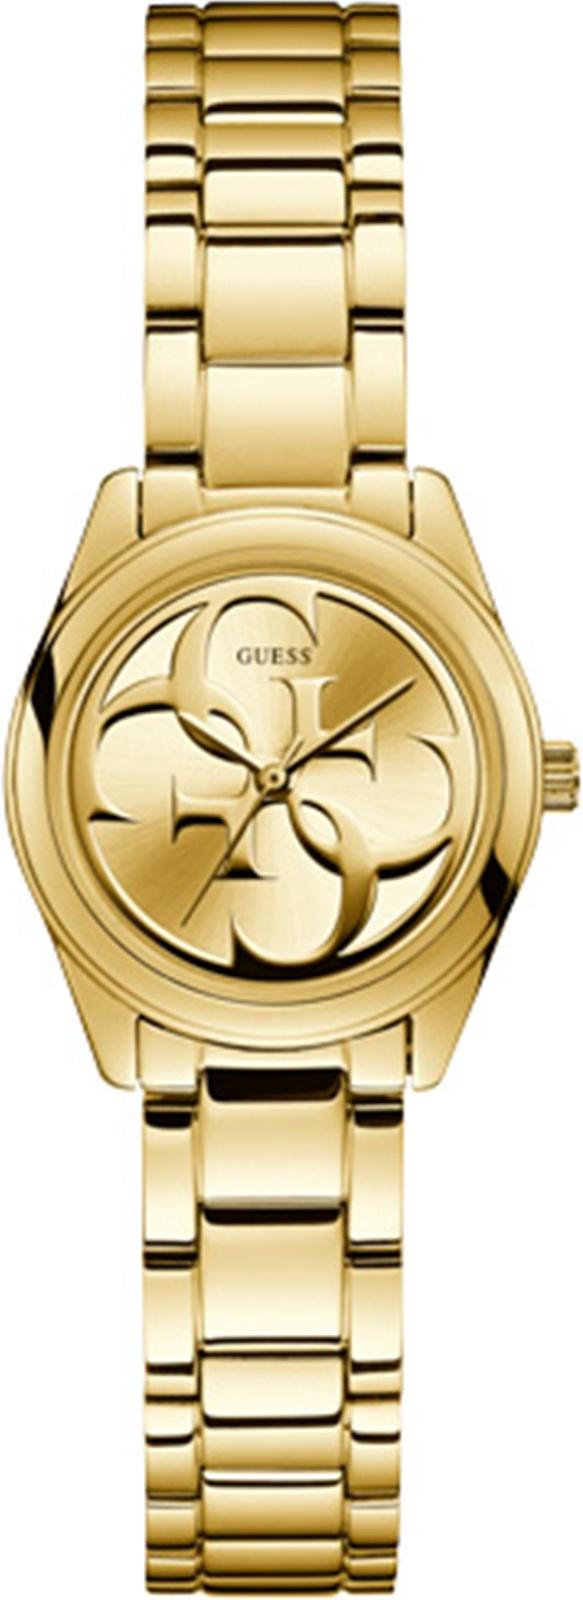 Наручные часы Guess MICRO G TWIST наручные часы guess w0658g4